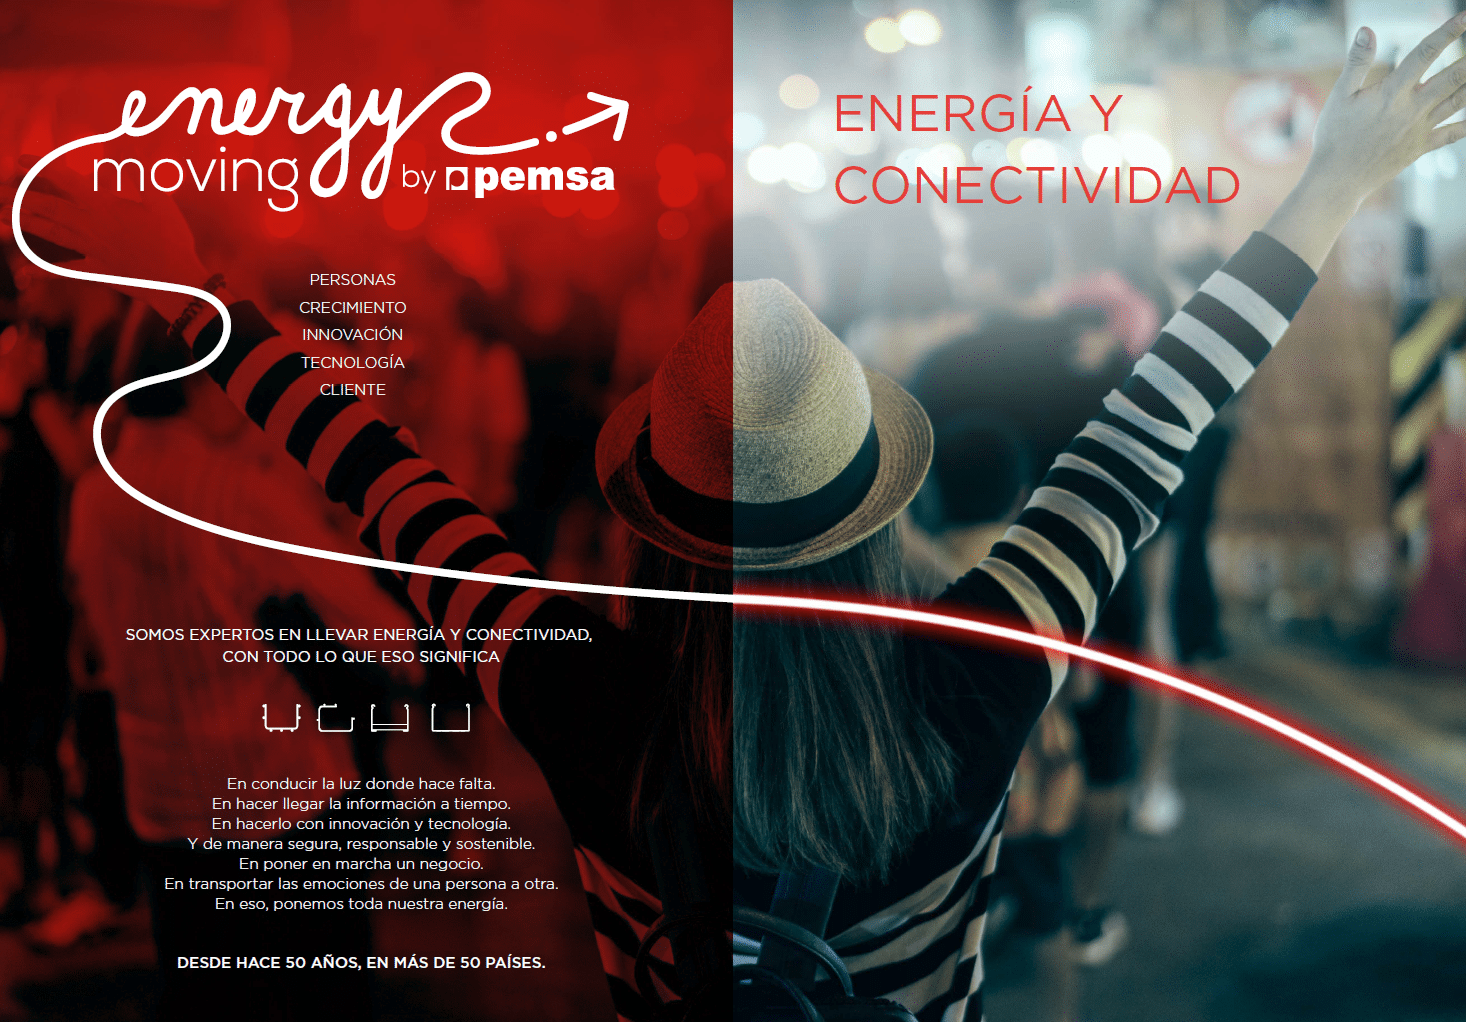 Imagen Energy moving